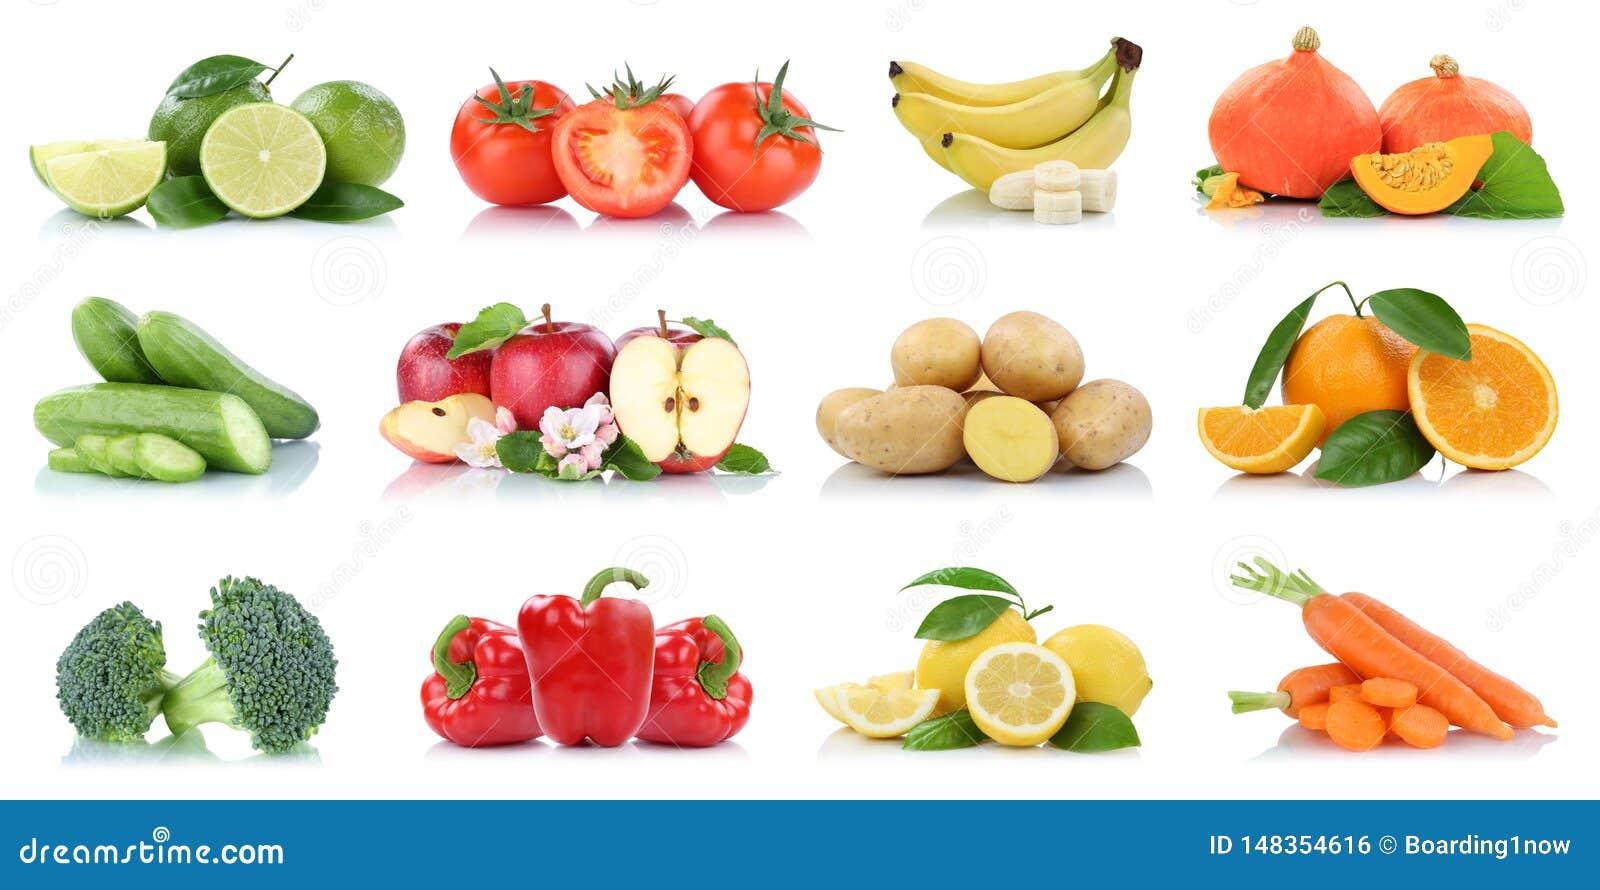 Цветов банана томатов яблок яблока овощей плодов изолированные собранием свежие фрукты оранжевых